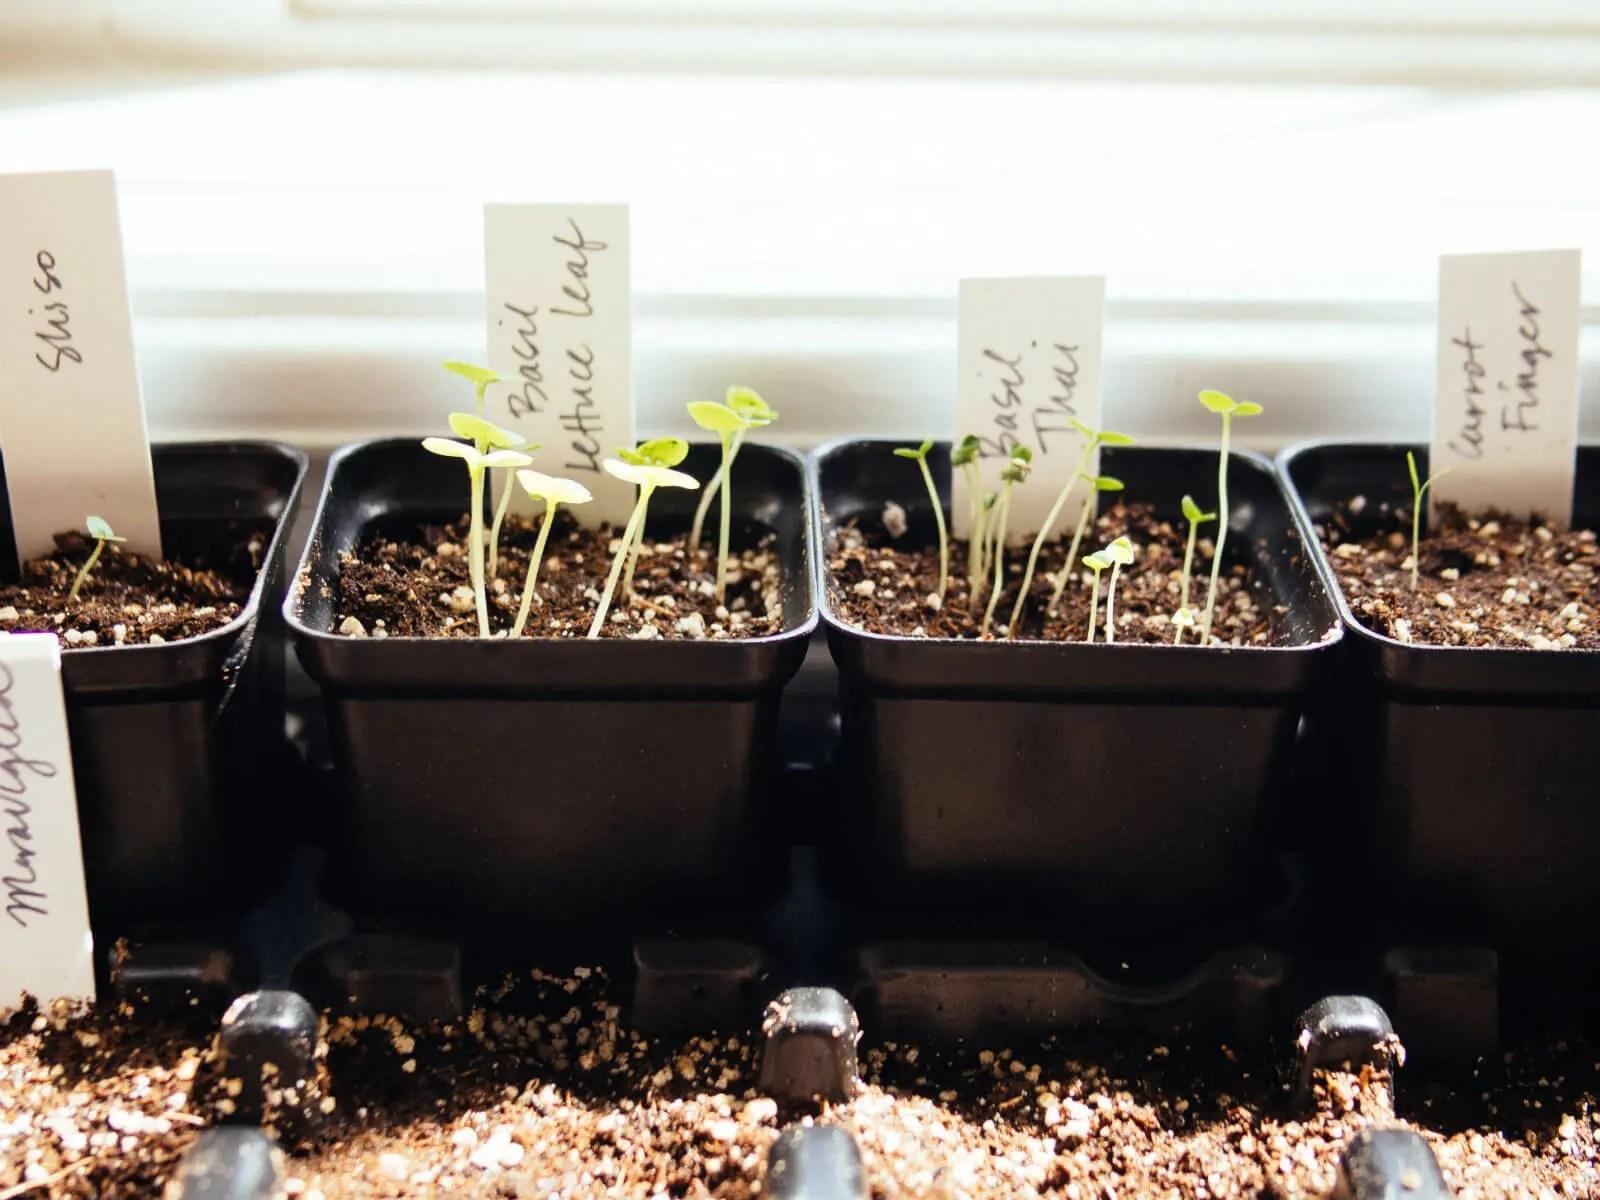 Planter Box Vegetable Garden